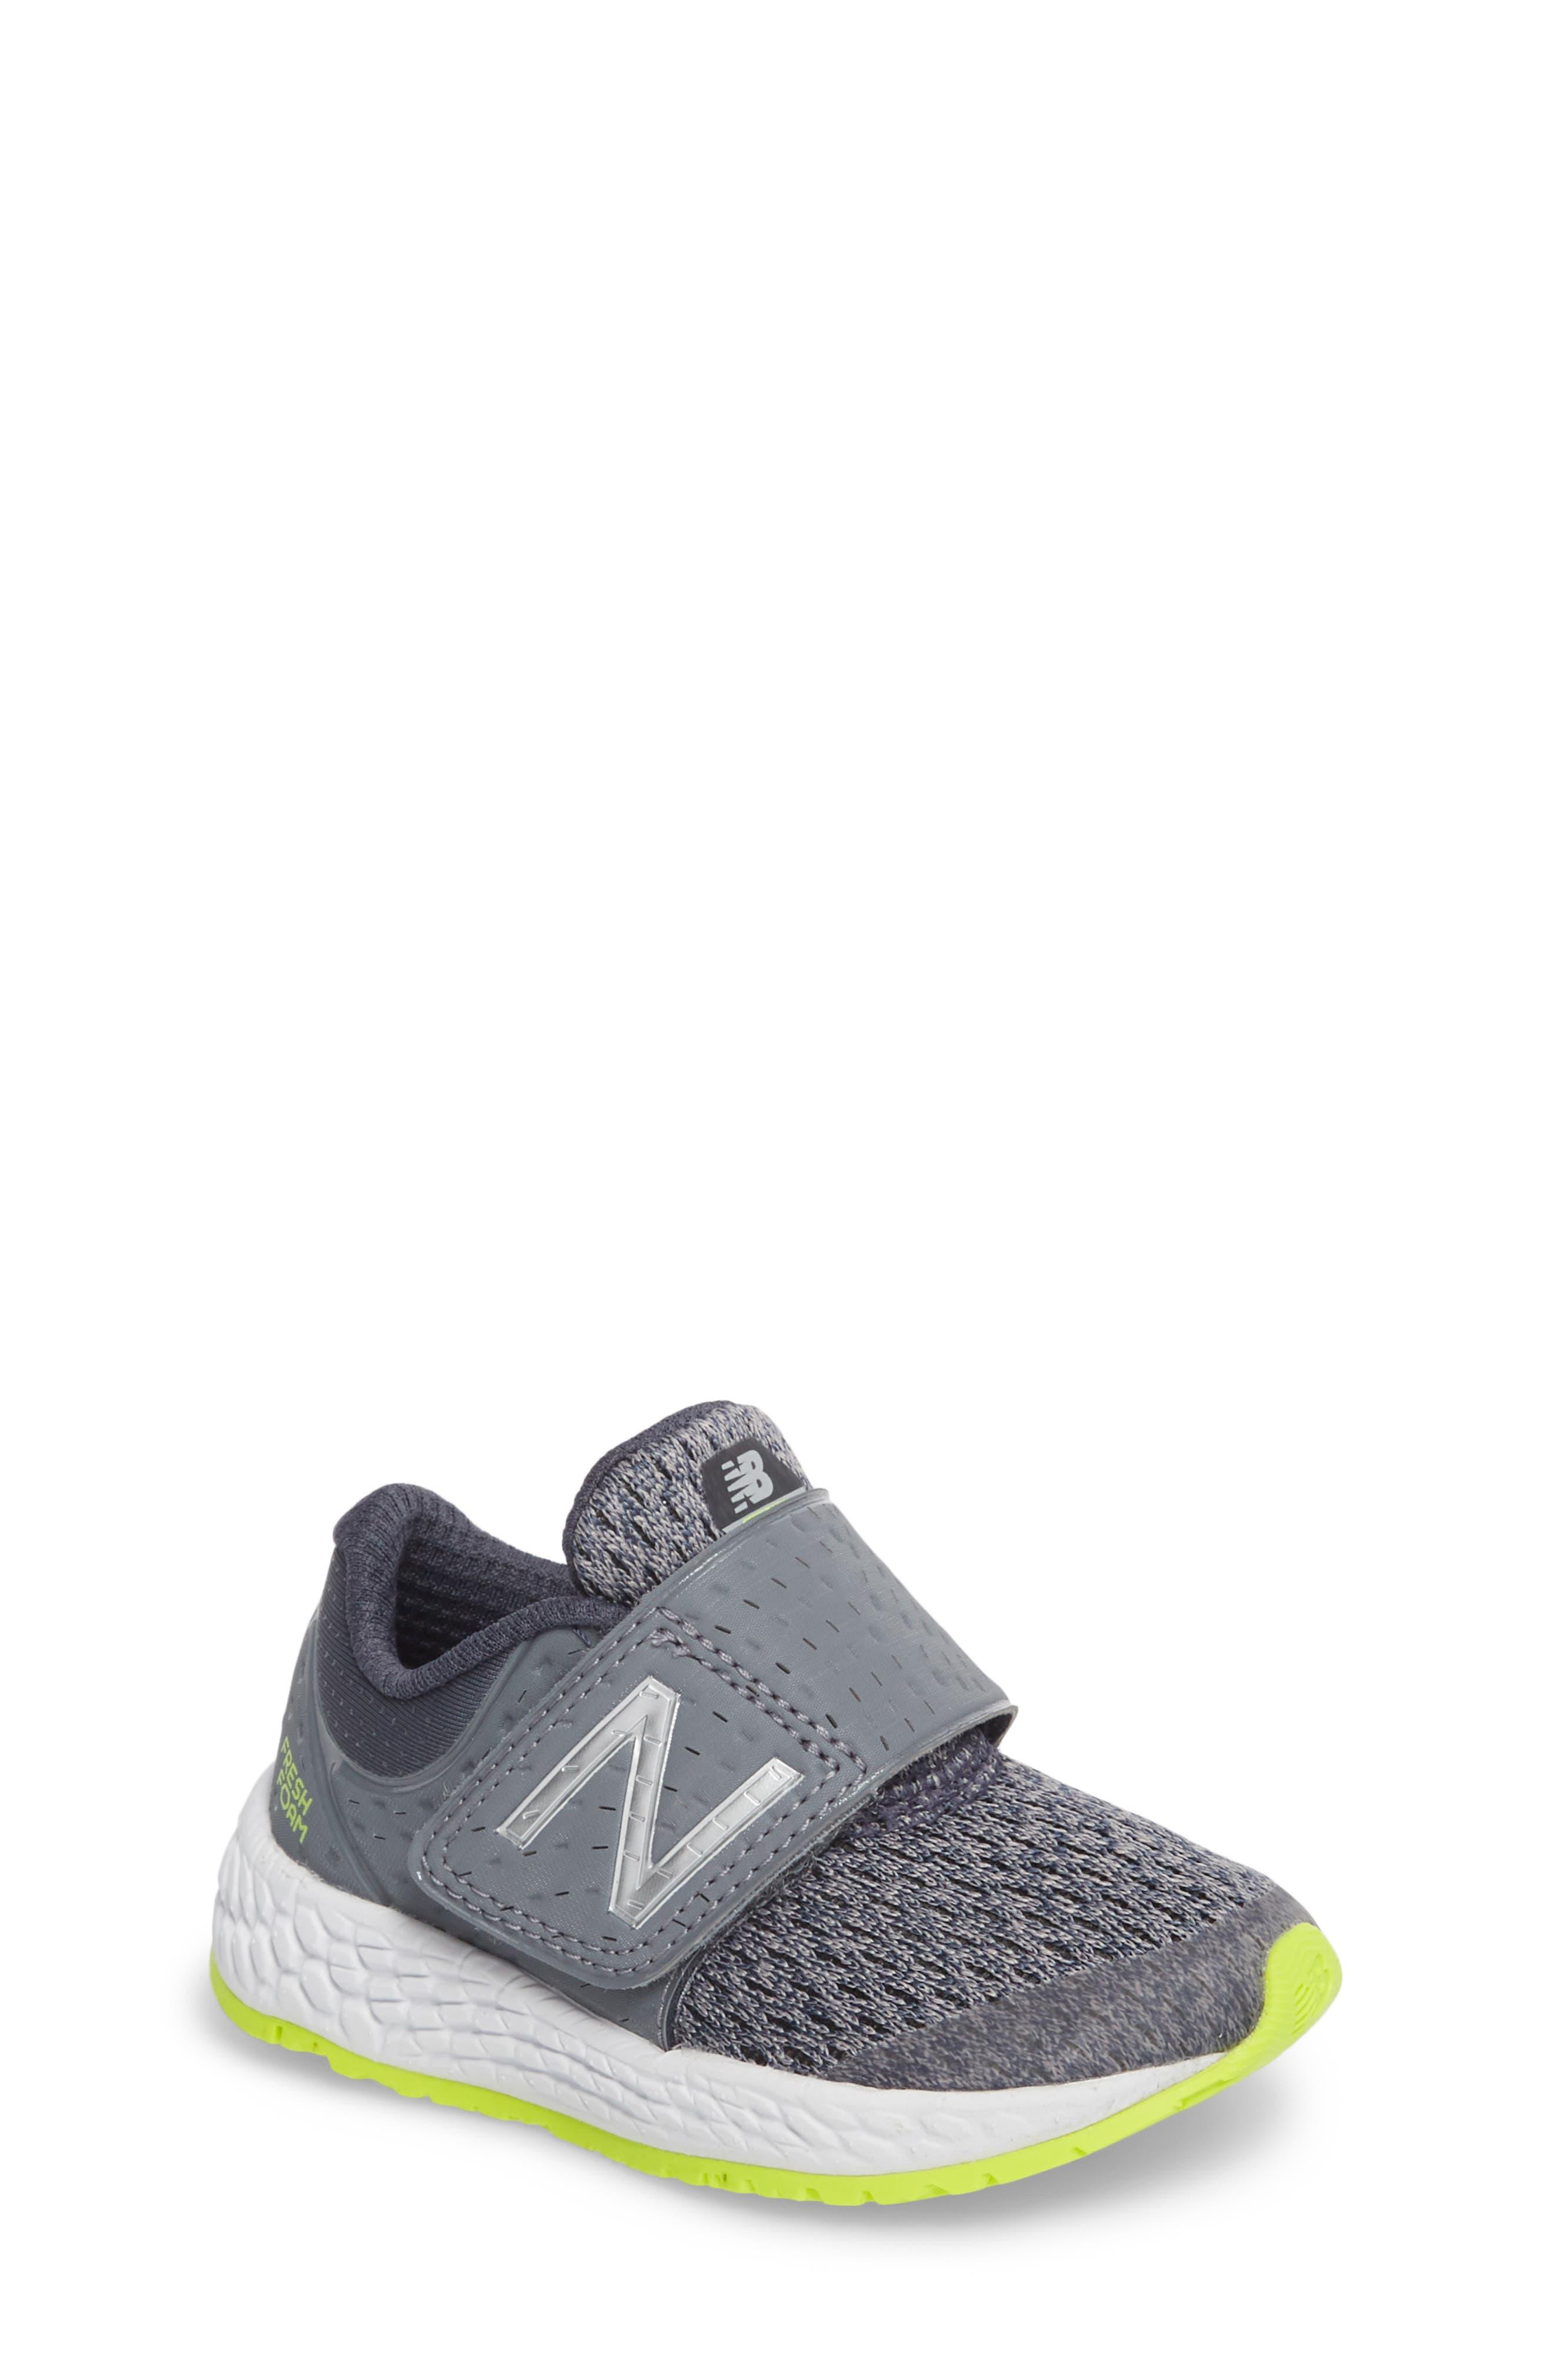 New Balance Fresh Foam Zante Sneaker (Baby, Walker & Toddler)